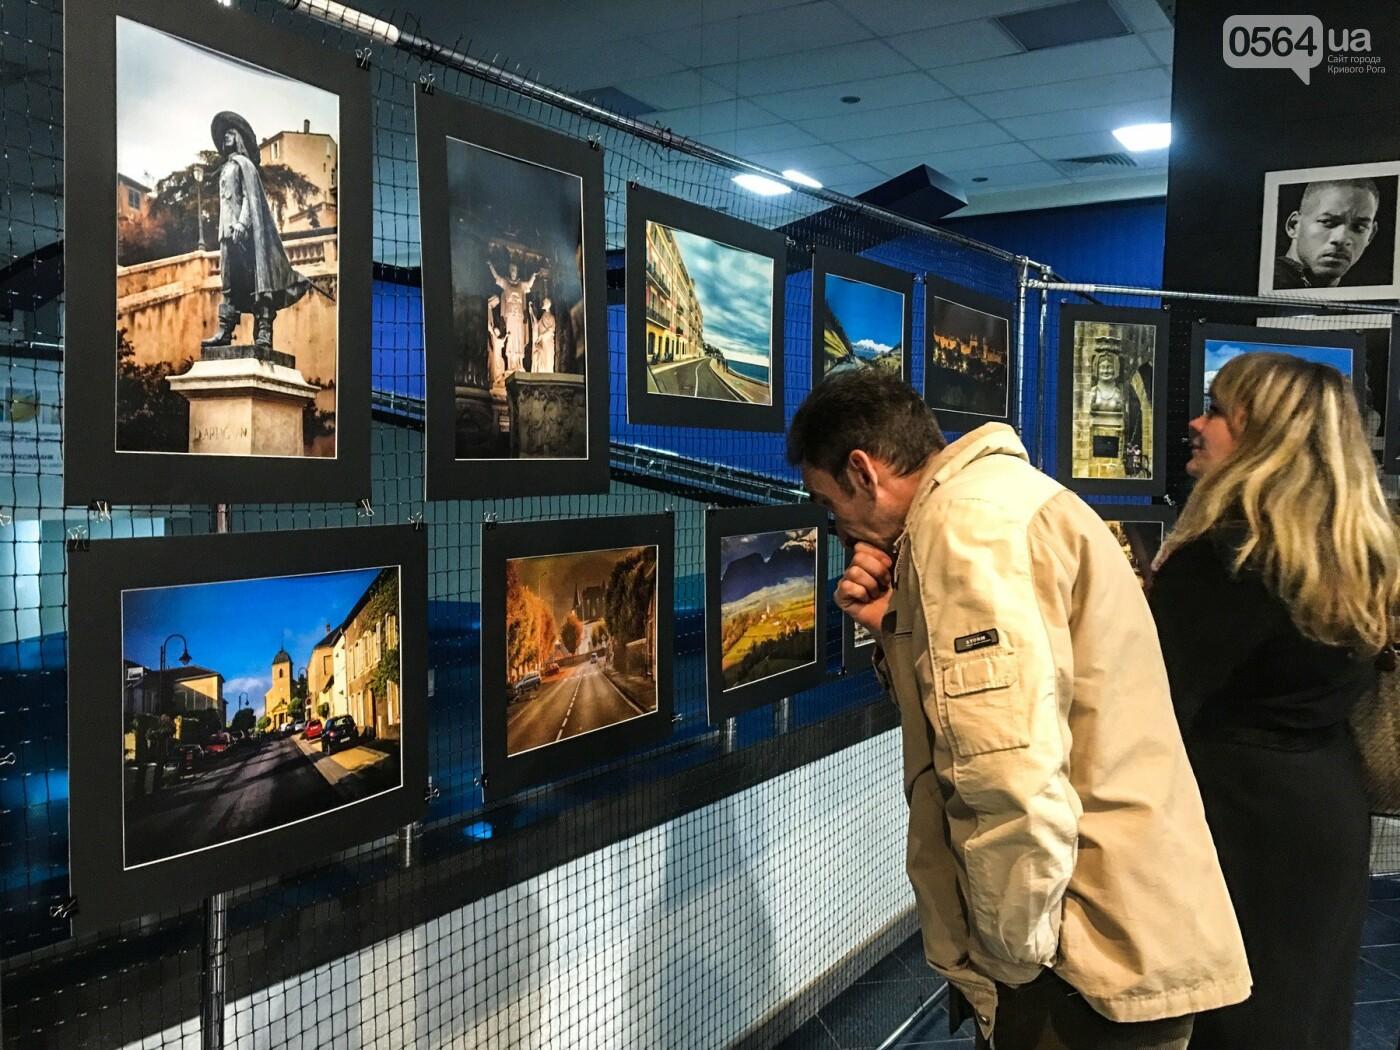 """""""Дорогами Европы"""": в Кривом Роге проходит уникальная фотовыставка ветерана АТО, - ФОТО, ВИДЕО, фото-29"""